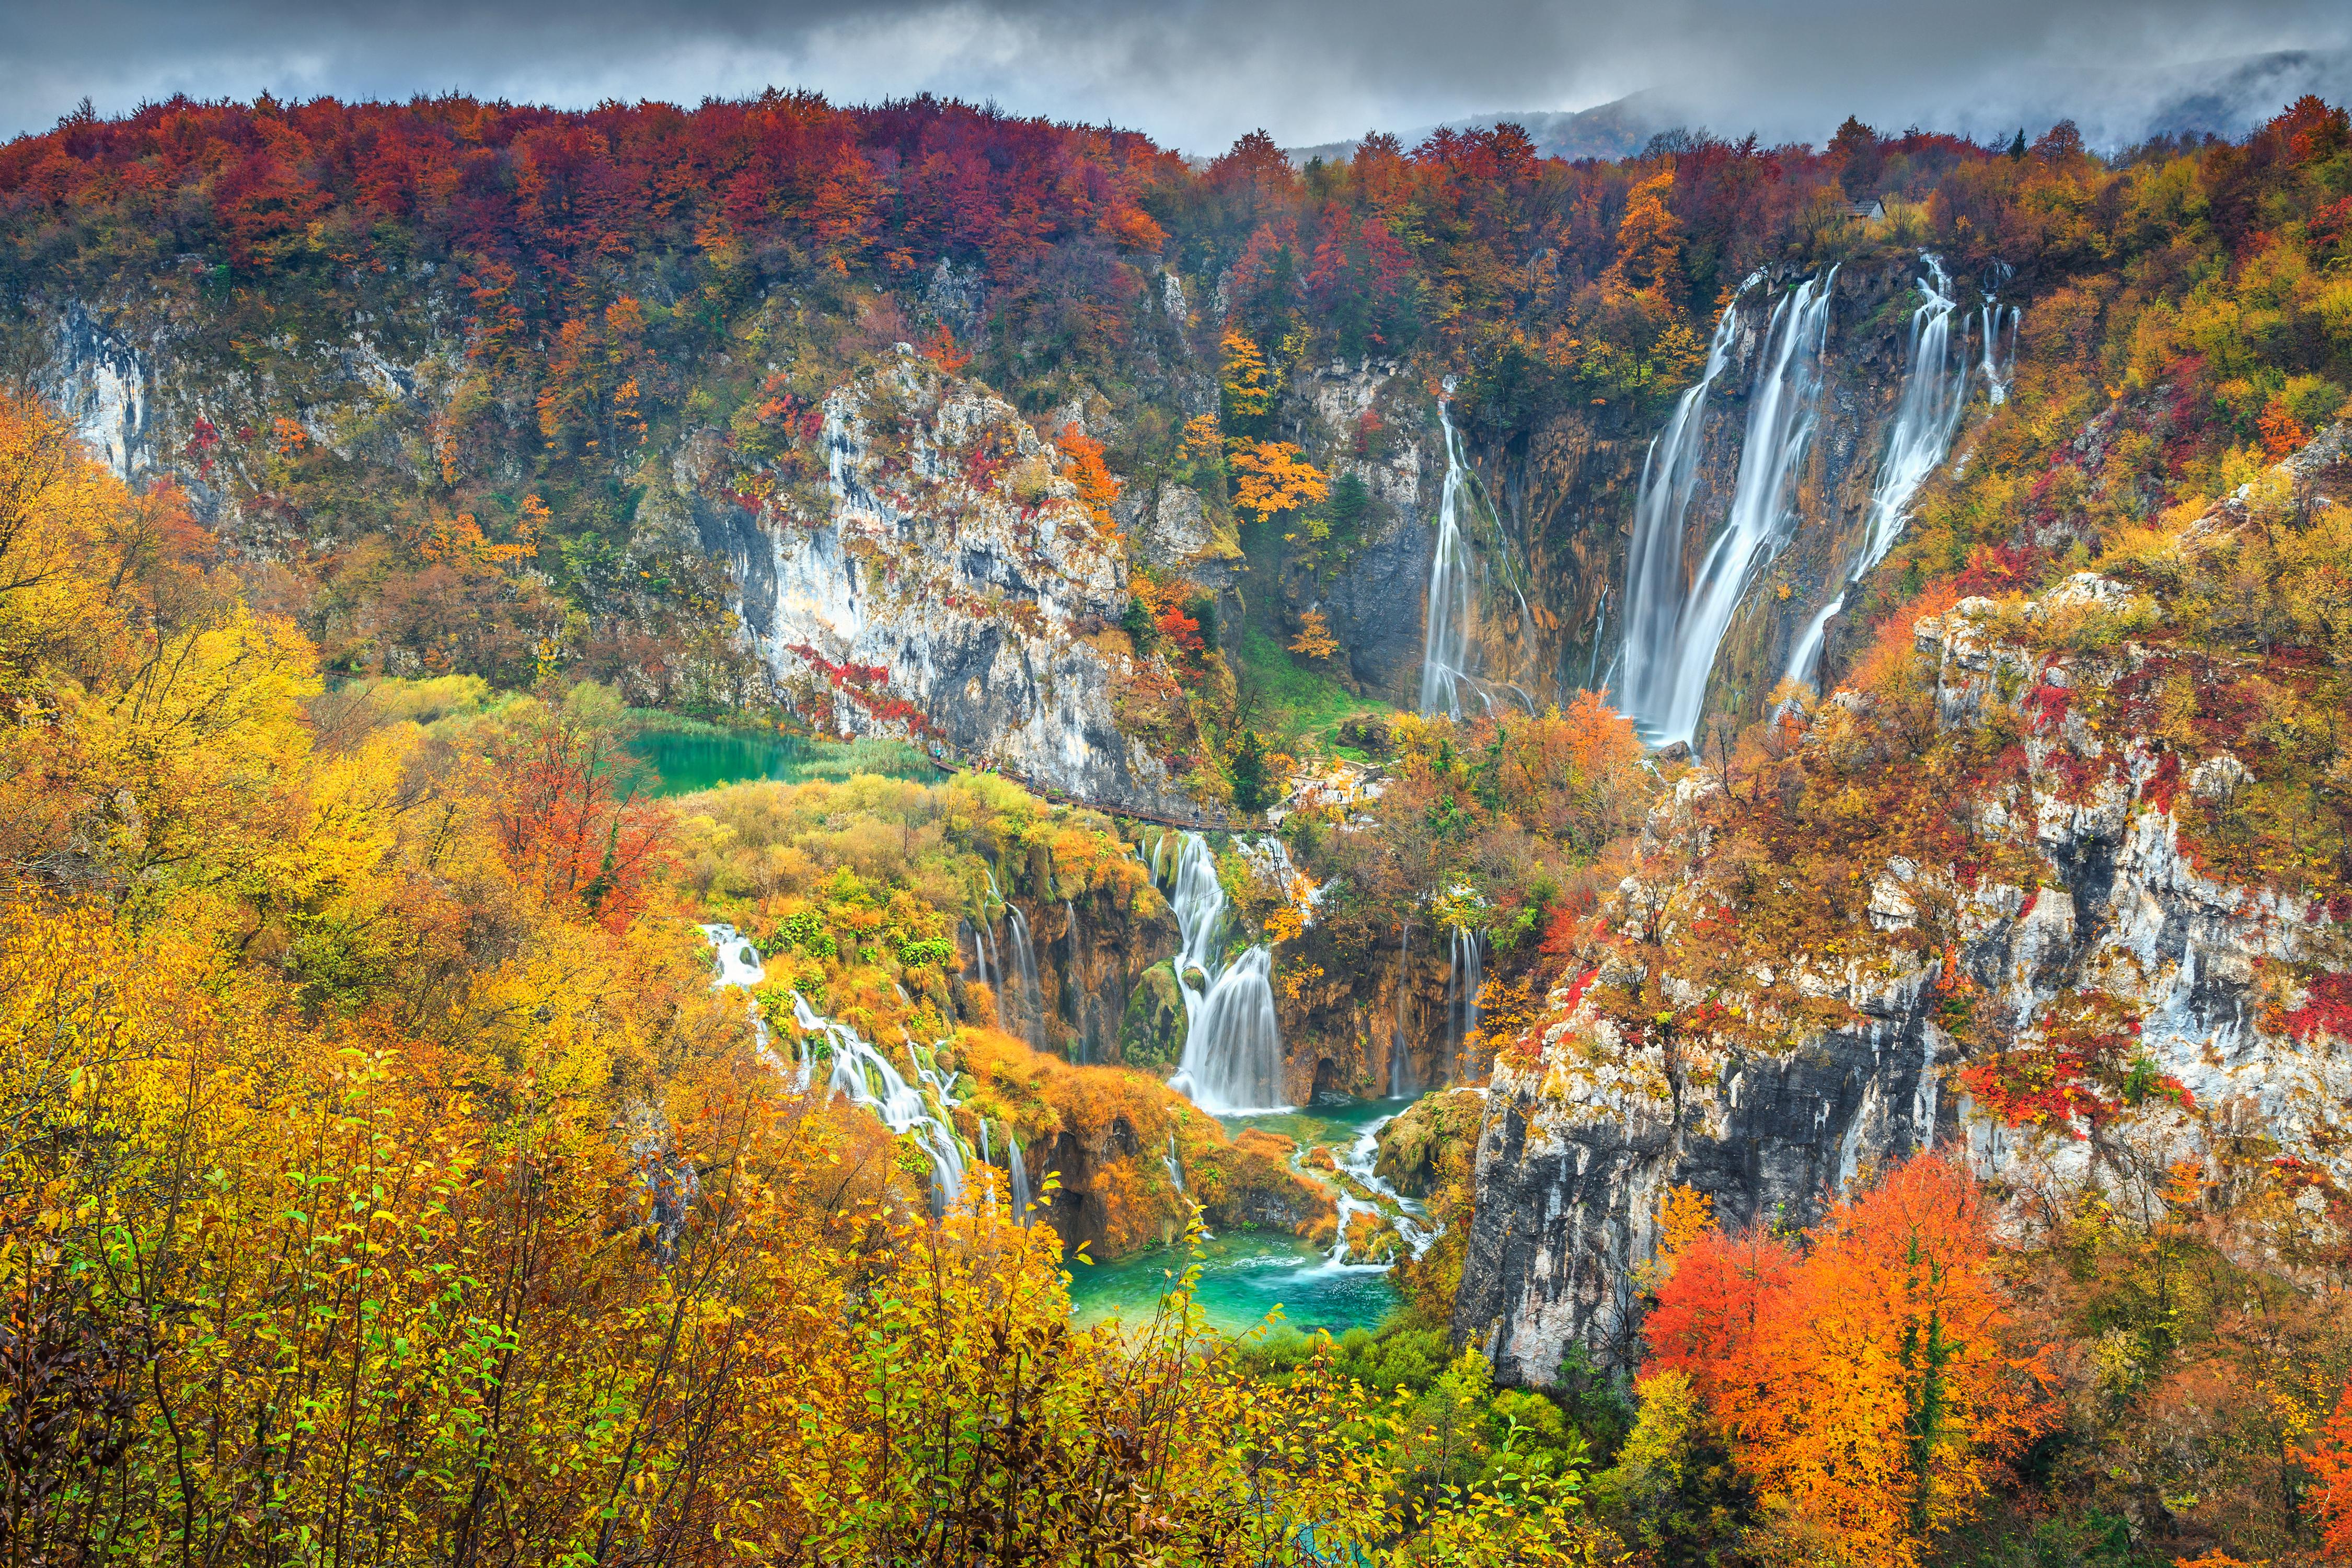 No outono, no Parque Nacional dos Lagos de Plitvice, o contraste entre as cores quentes e o azul dos lagos é surreal. Crédito: